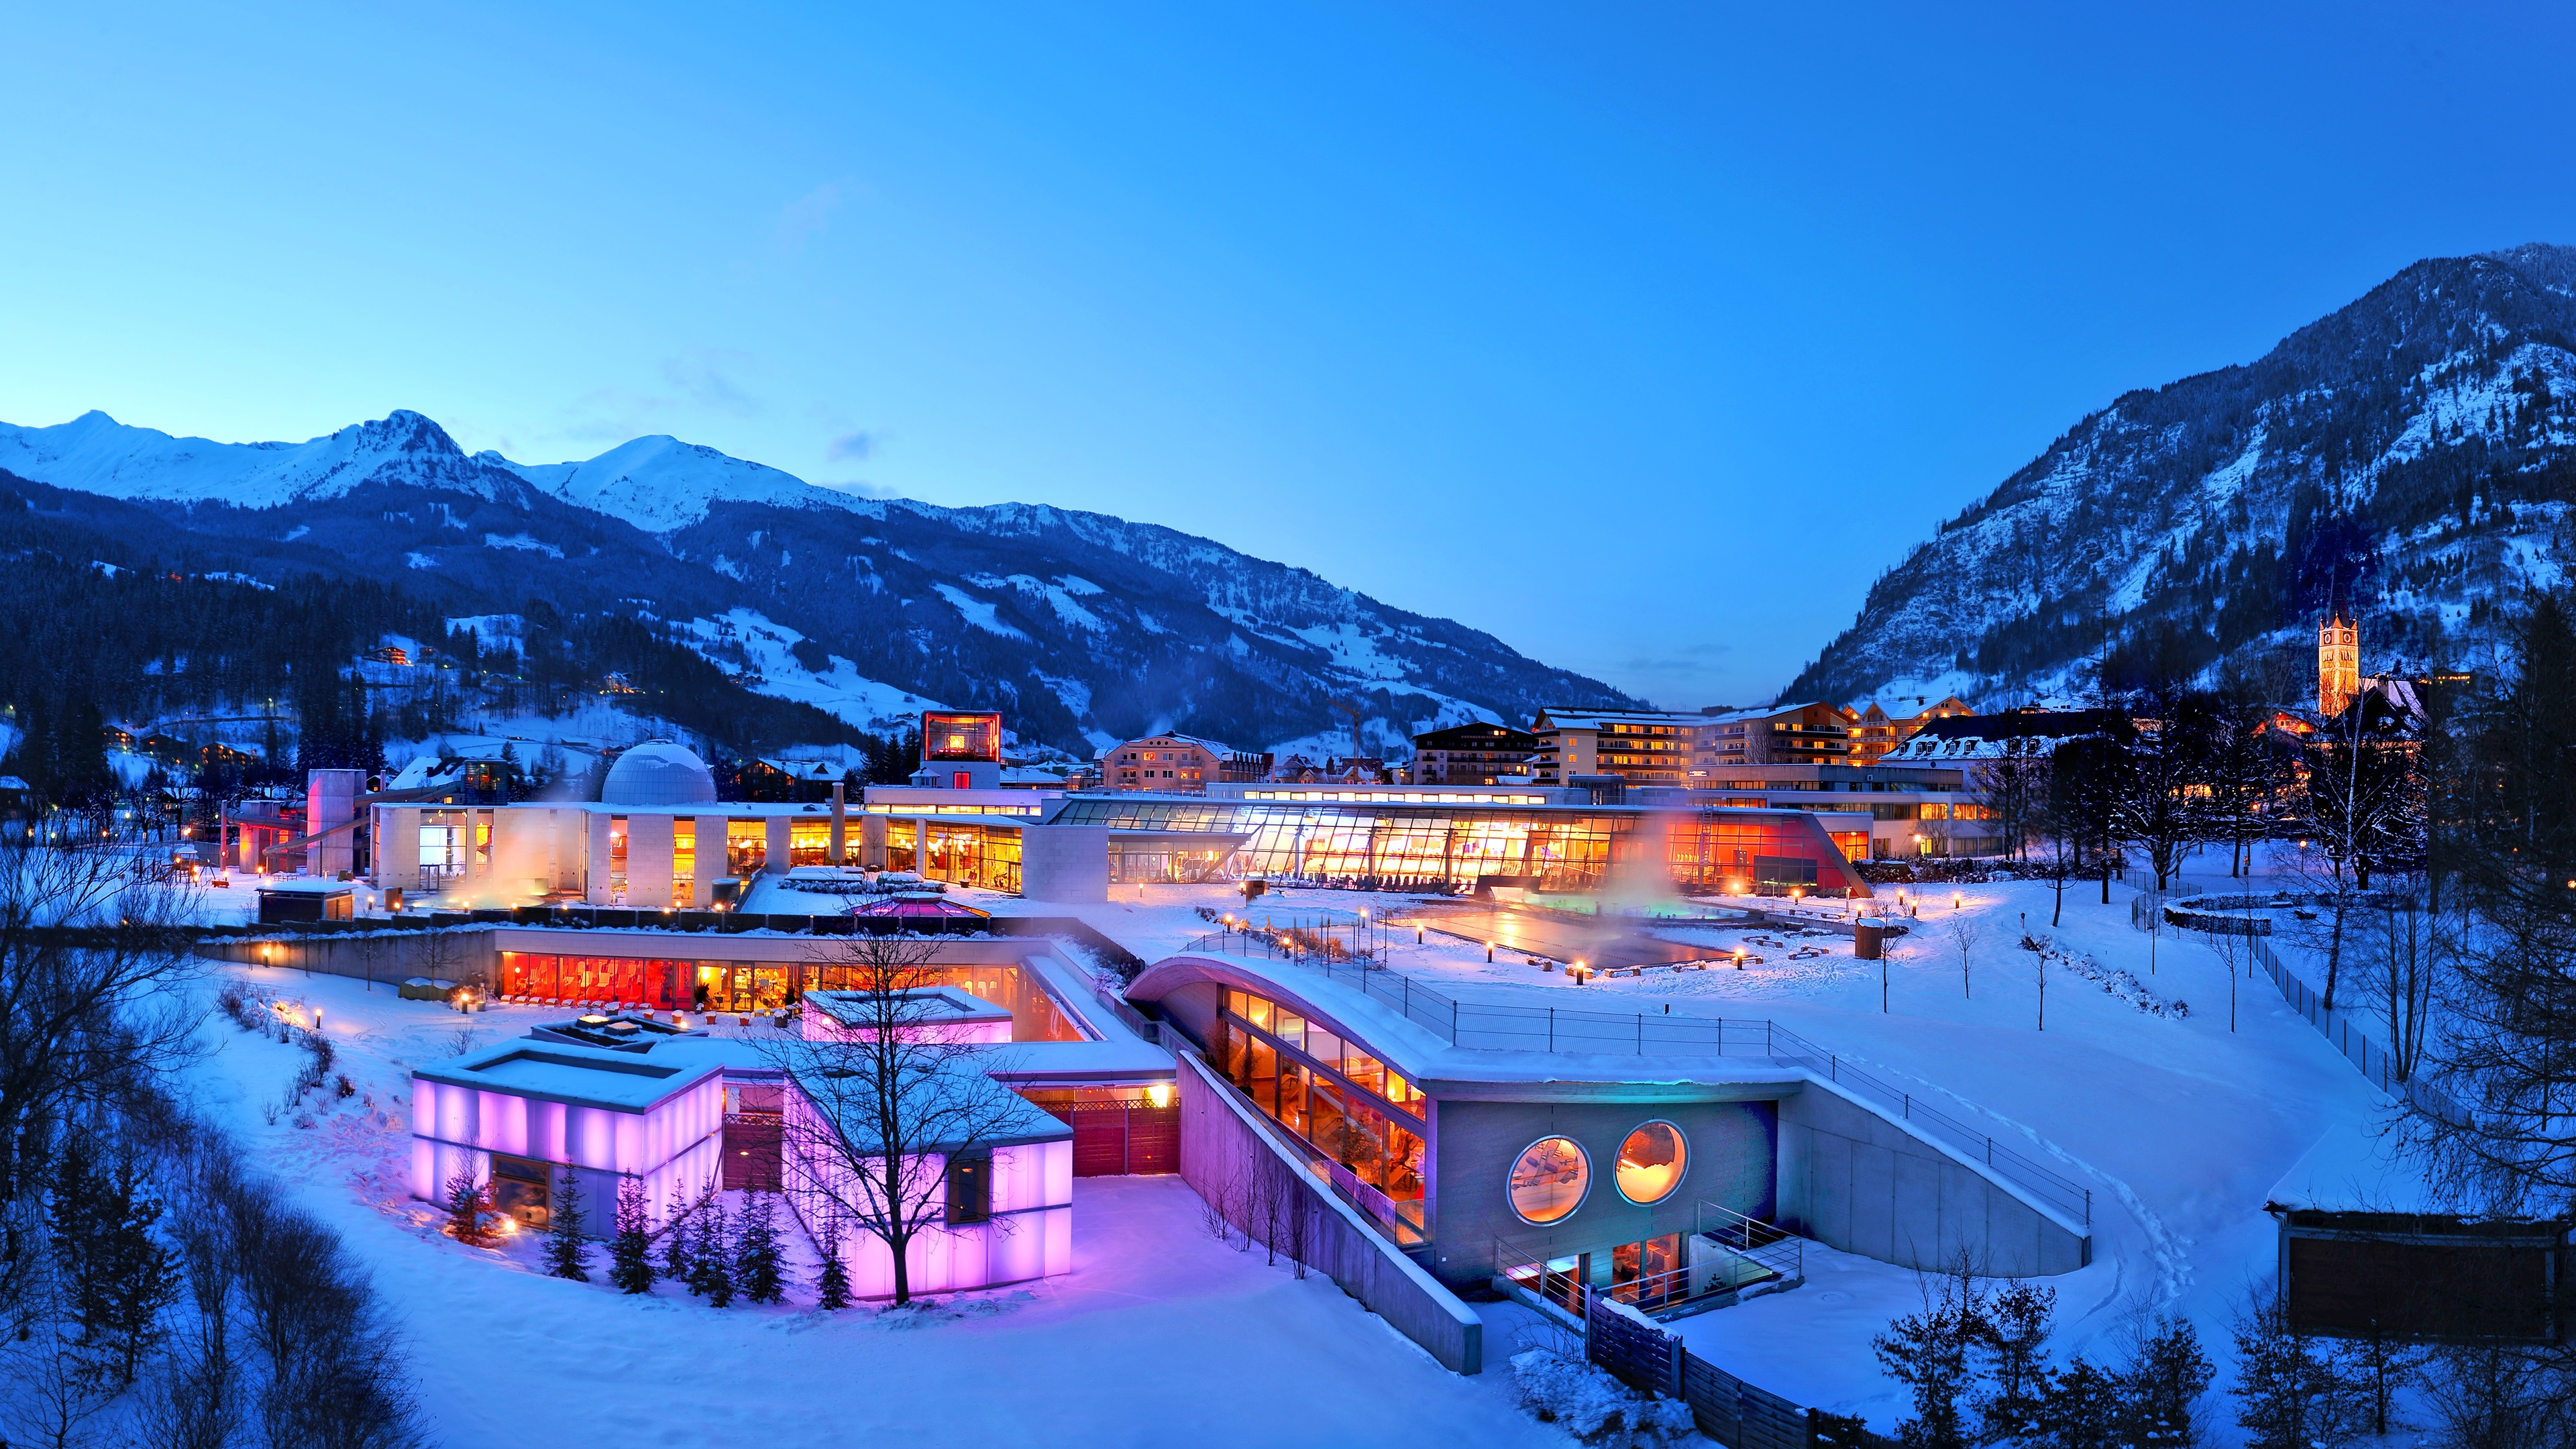 壁纸 林德纳阿尔卑斯温泉在冬季,黄昏,雪,山,灯,瑞士 3840x2160 UHD 4K 高清壁纸, 图片, 照片